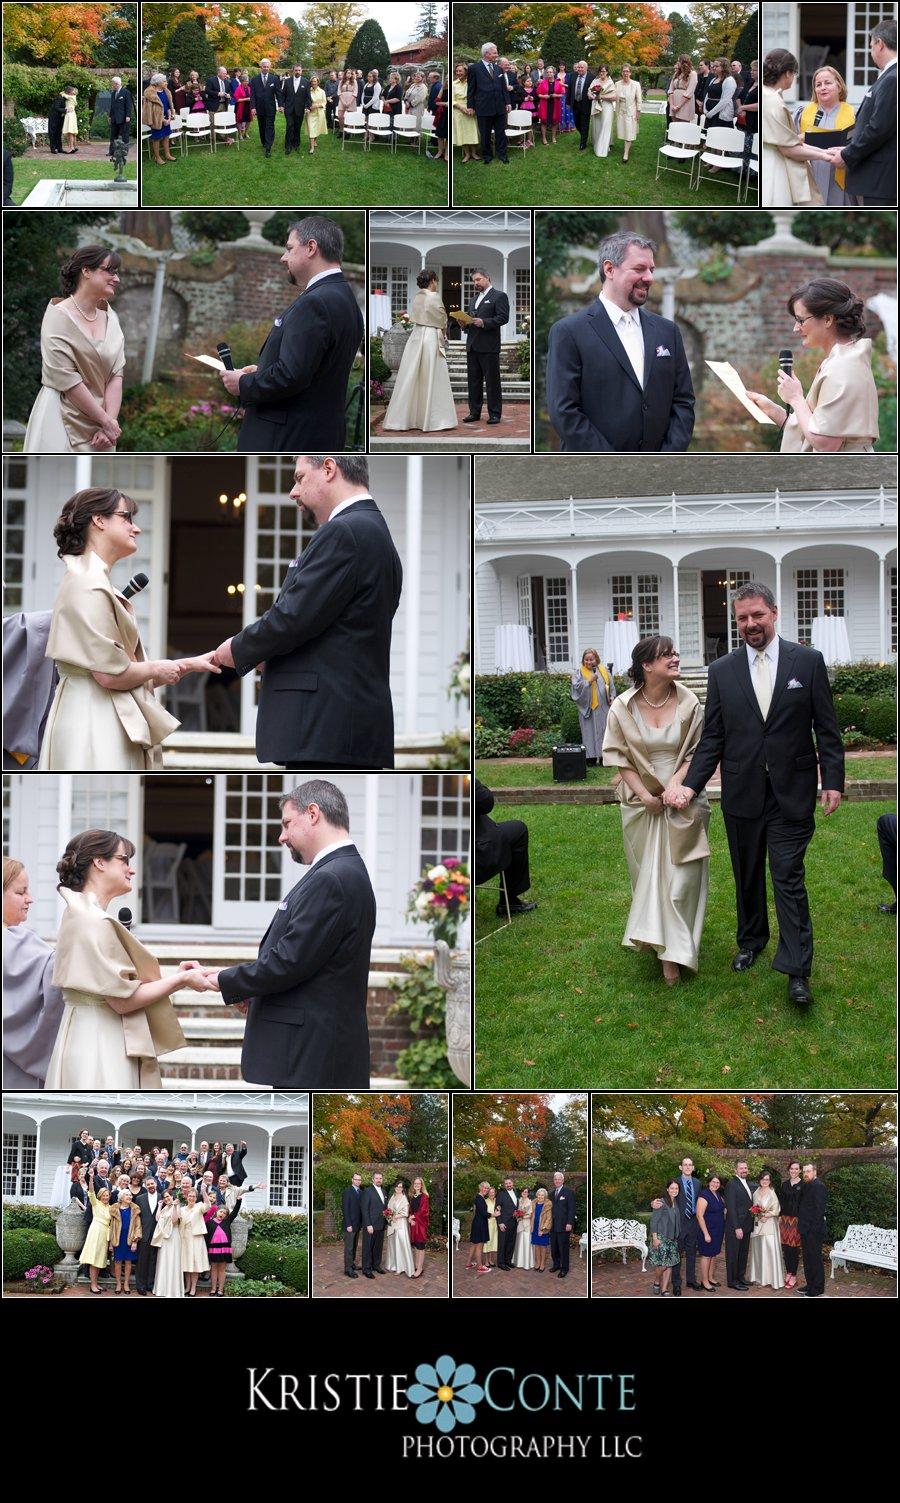 Wedding Venues in Ridgefield CT  180 Venues  Pricing